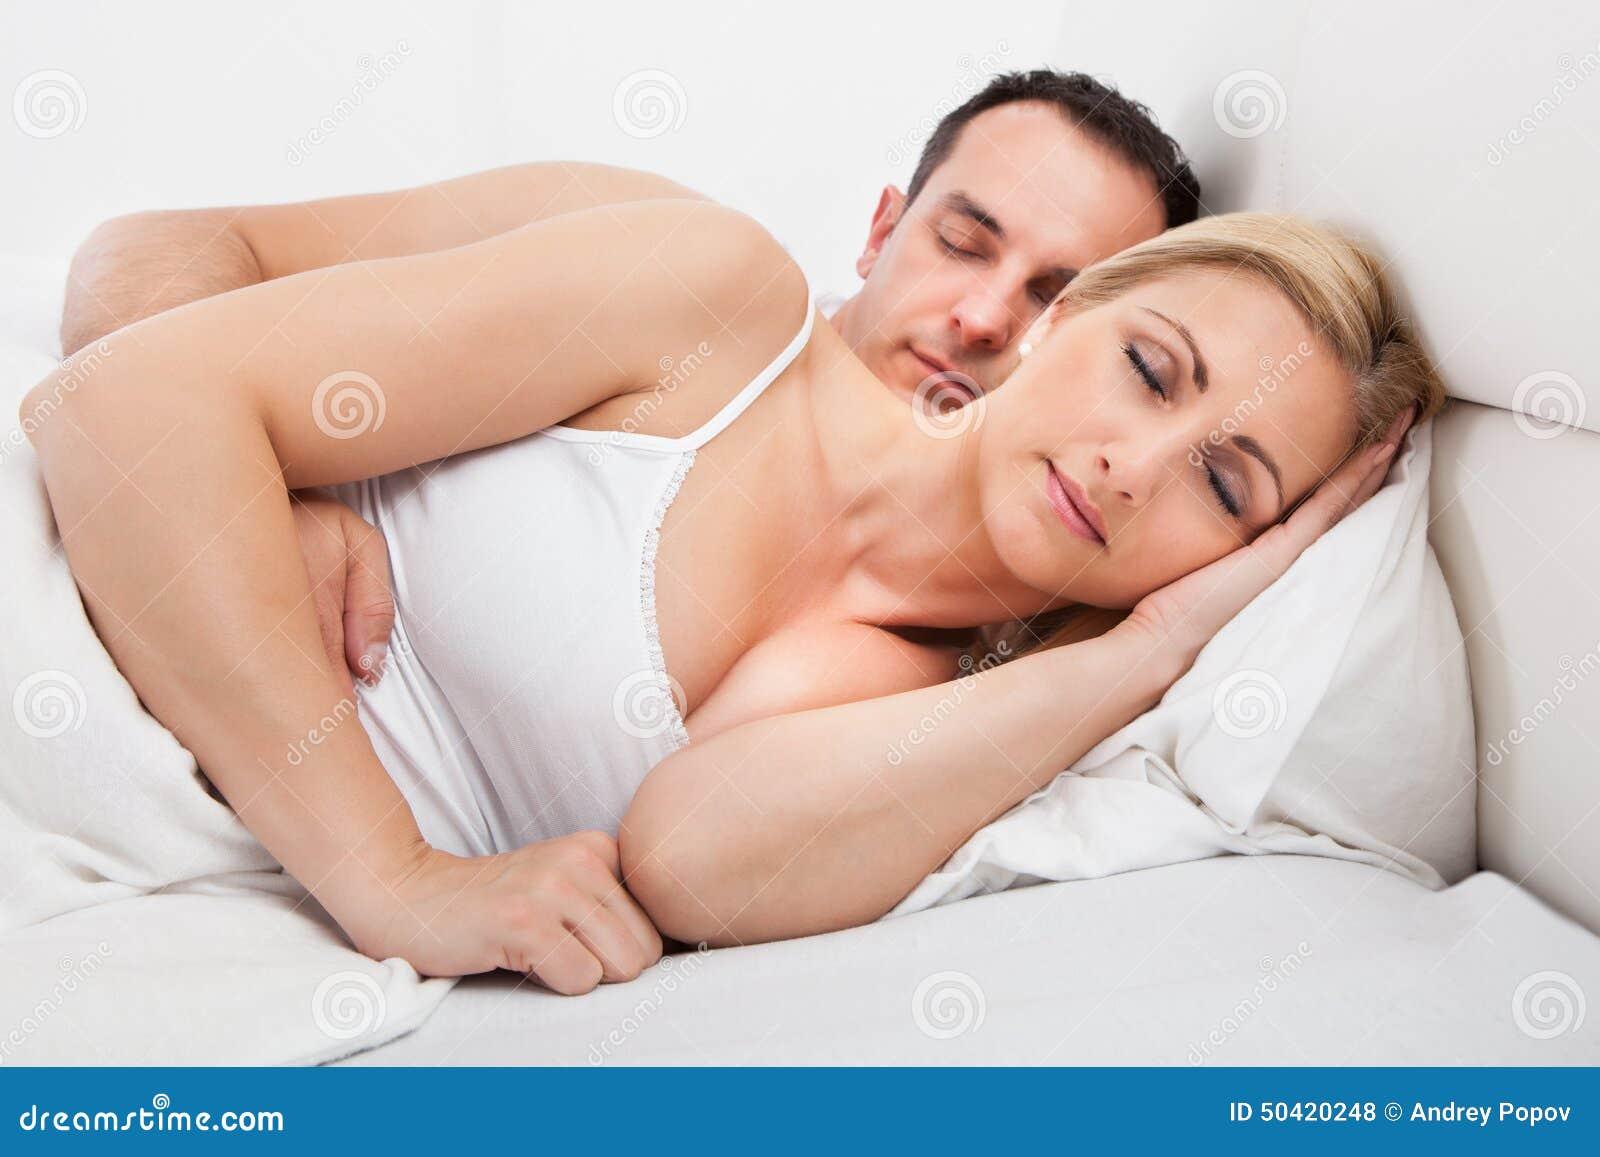 С кузиной в постели, Дядя с удовольствием трахнул кузину, пришедшую с пар 23 фотография